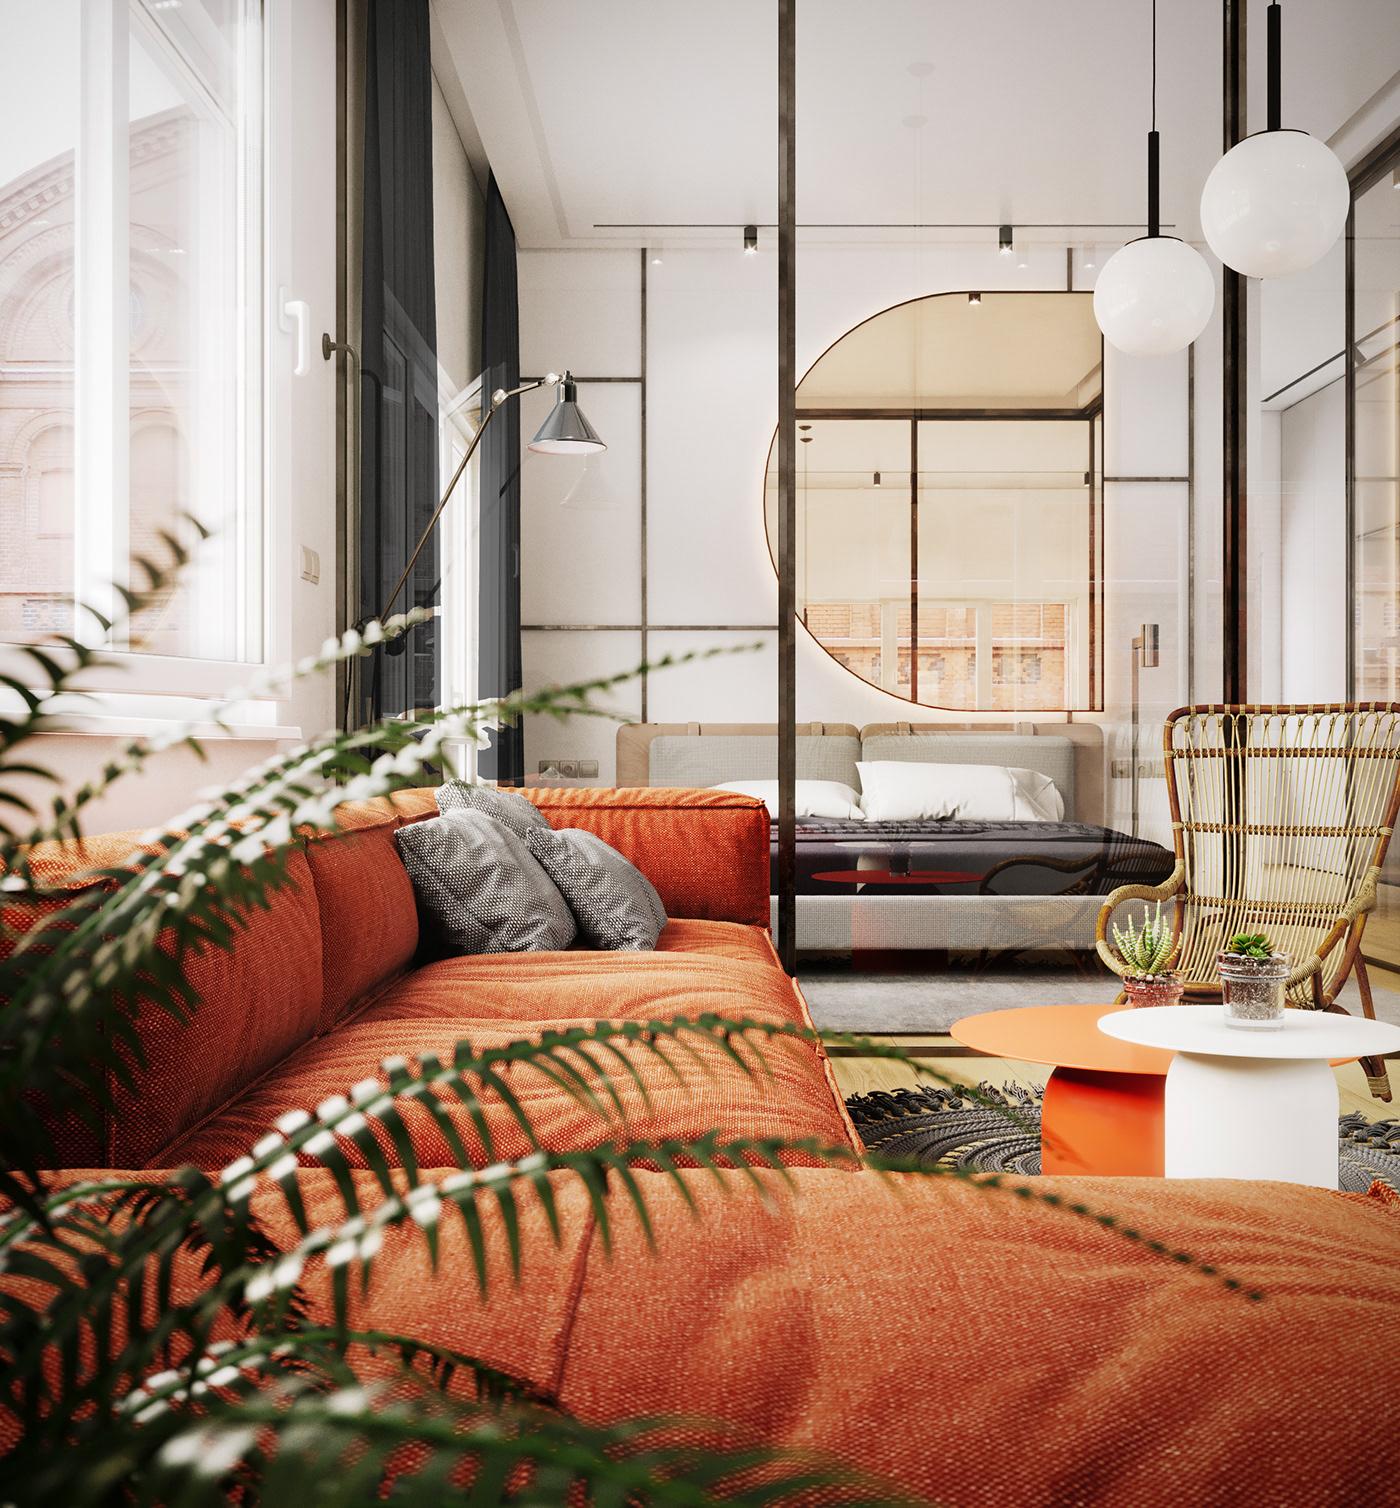 3dsmax coronarender interiordesign architecture 3dvisual